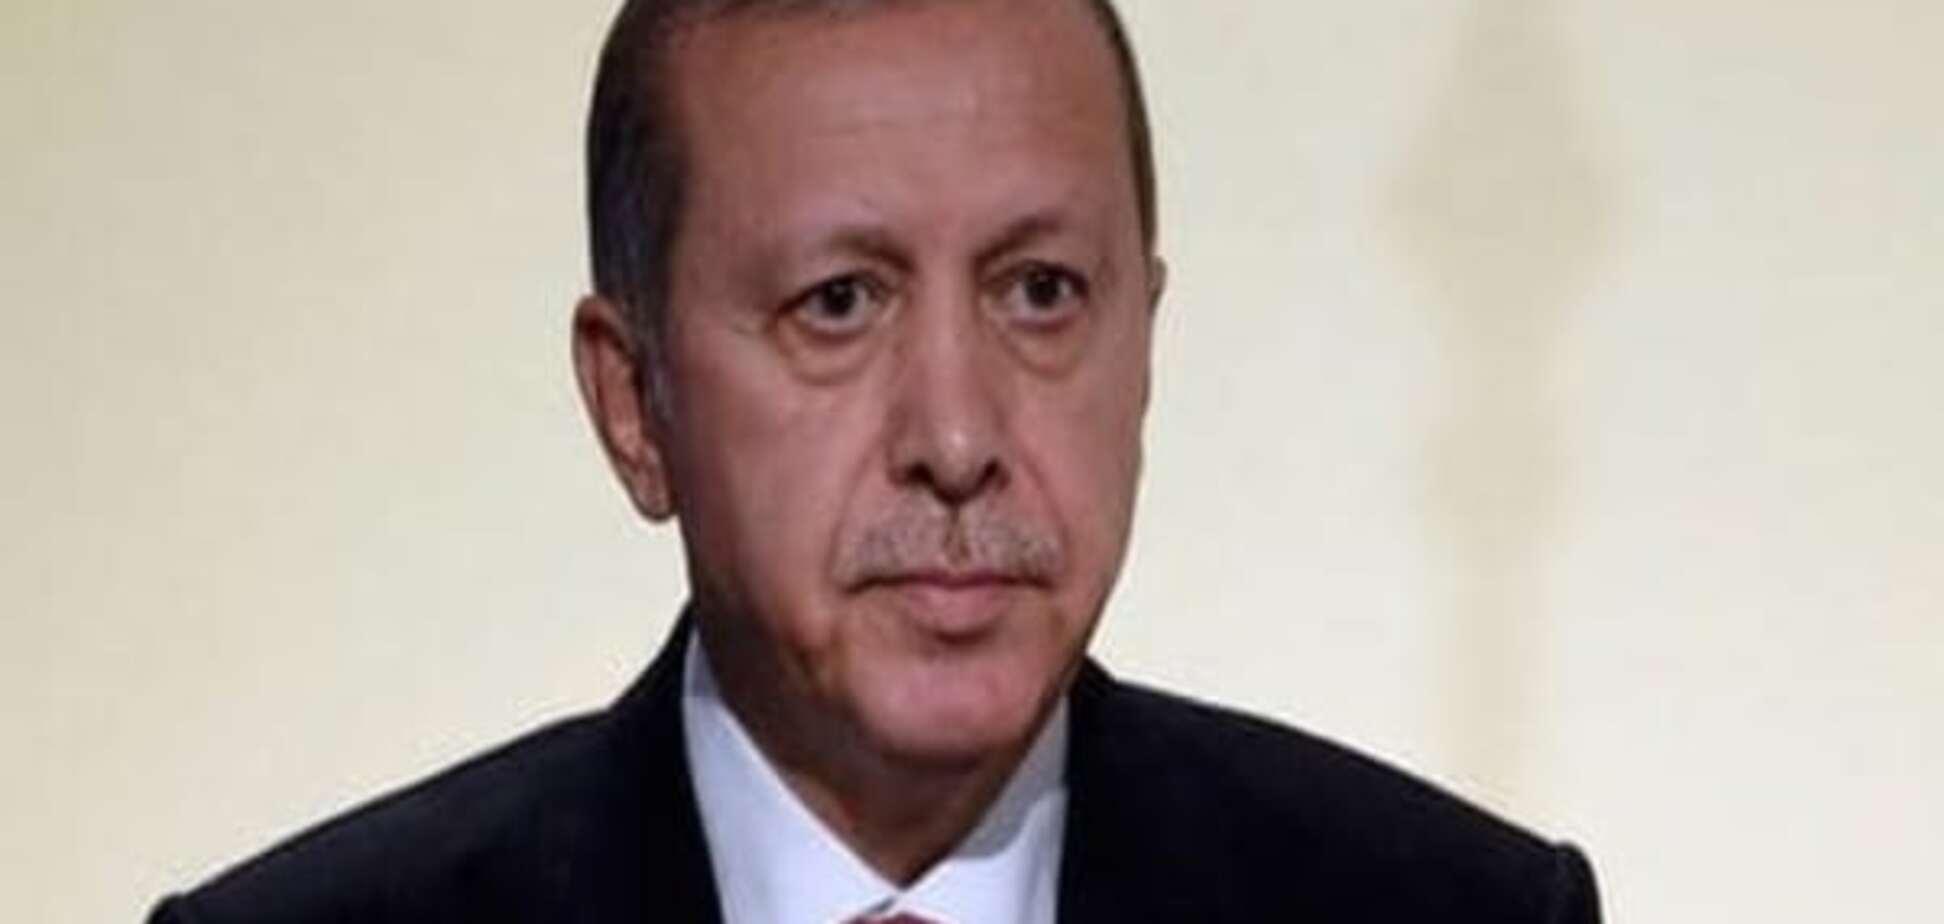 Ердоган шукає альтернативу російським газу і нафті